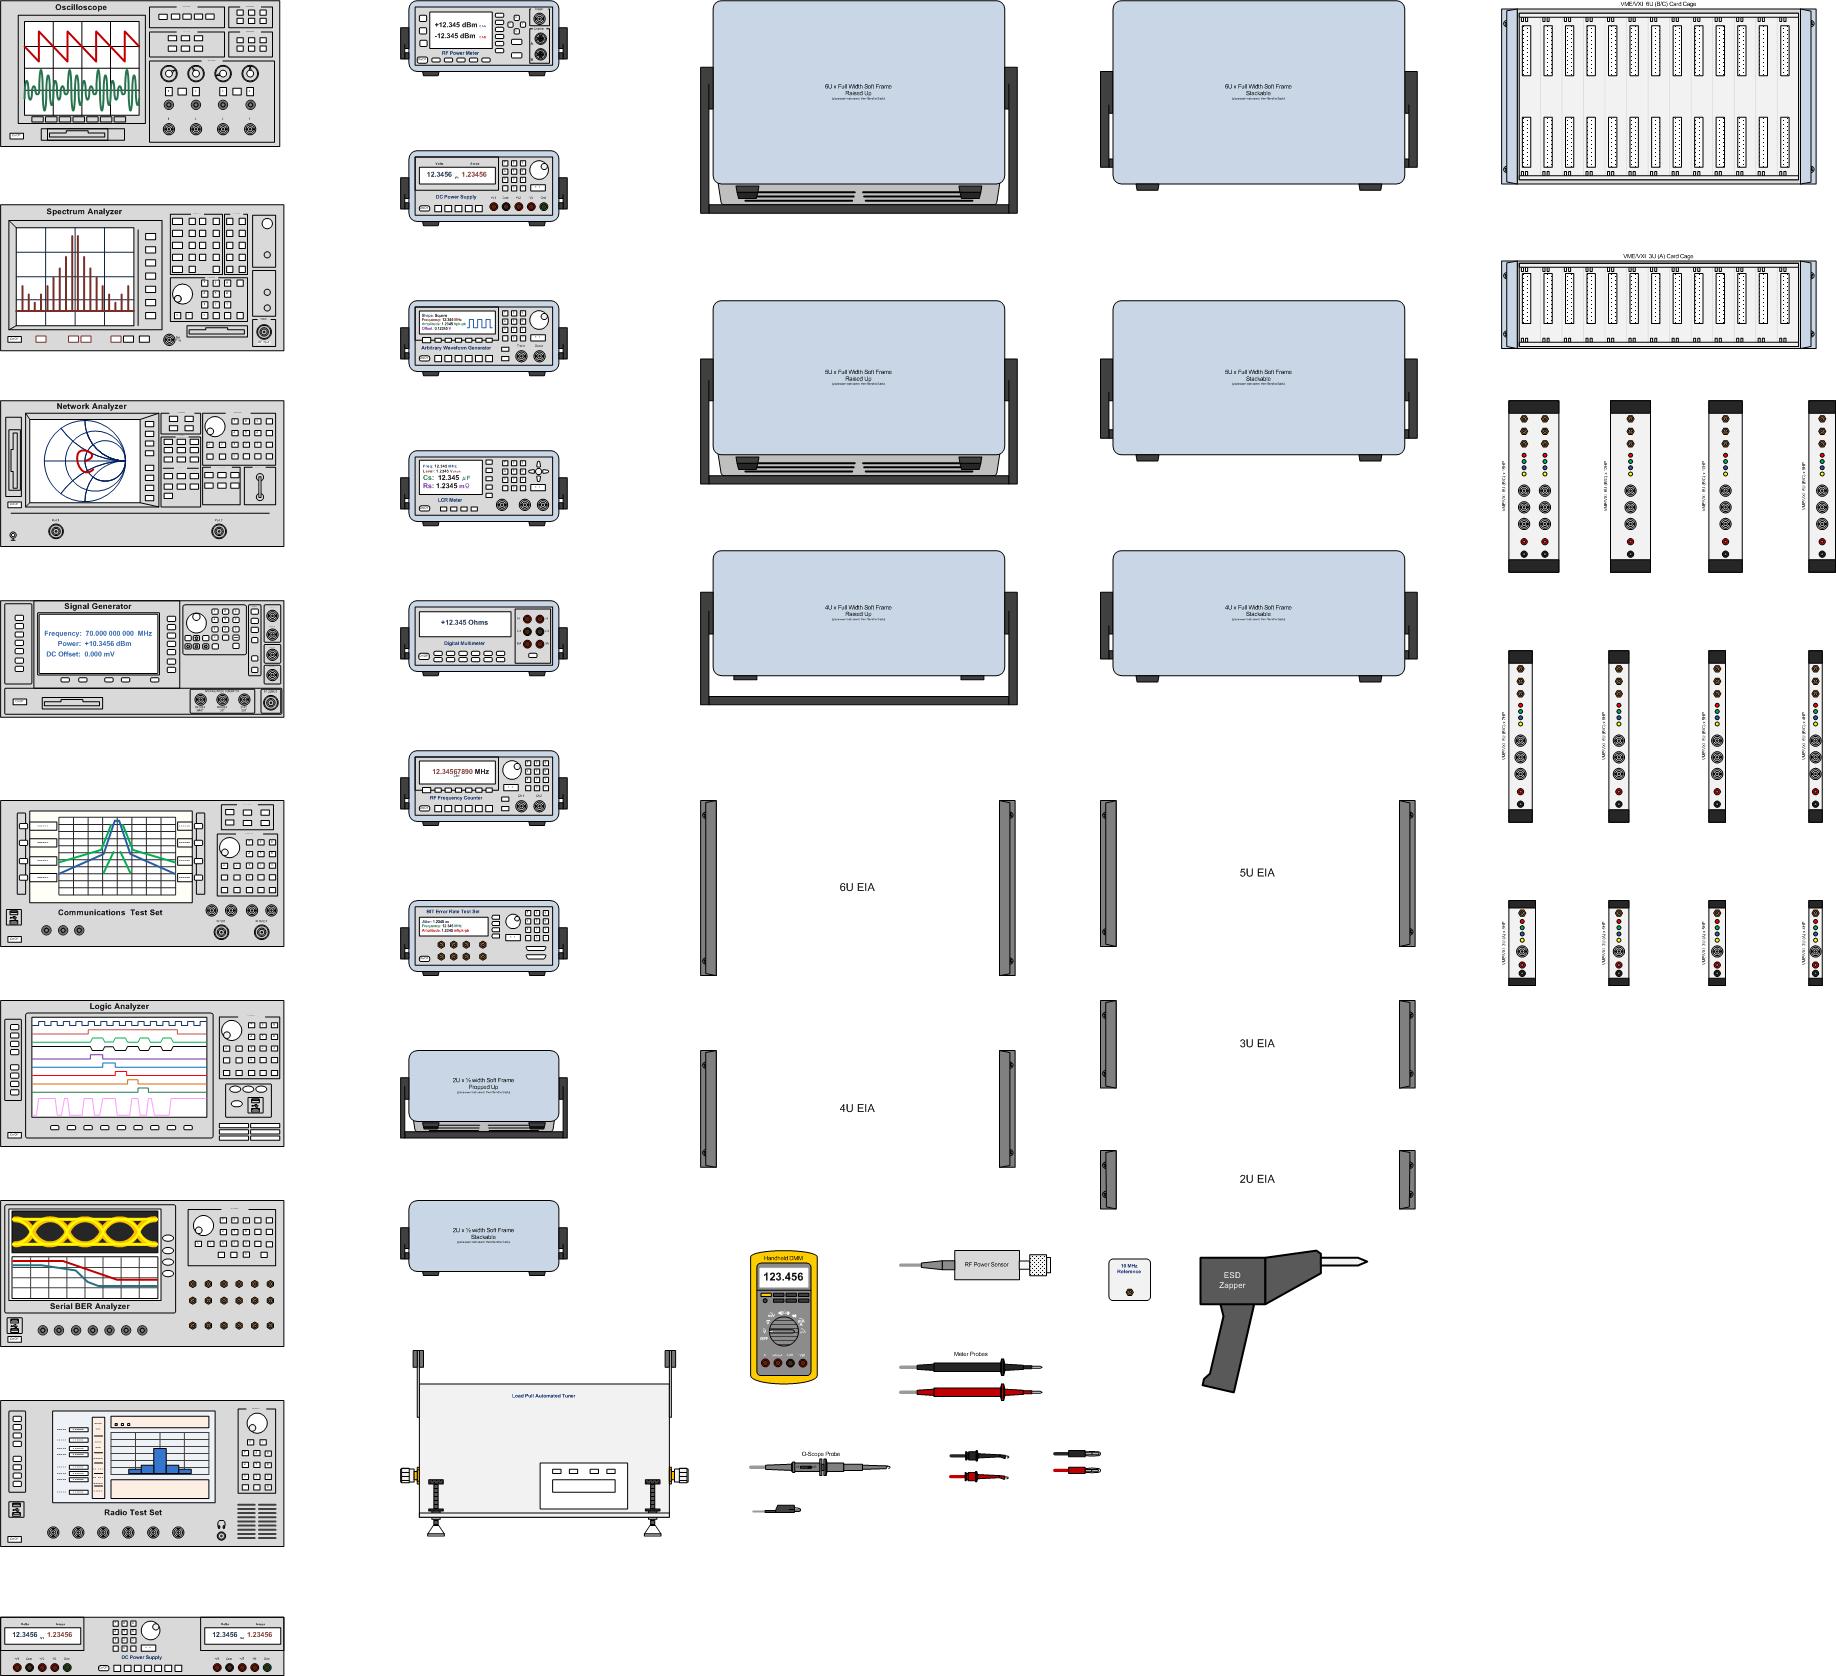 Visio Wiring Diagram Stencils